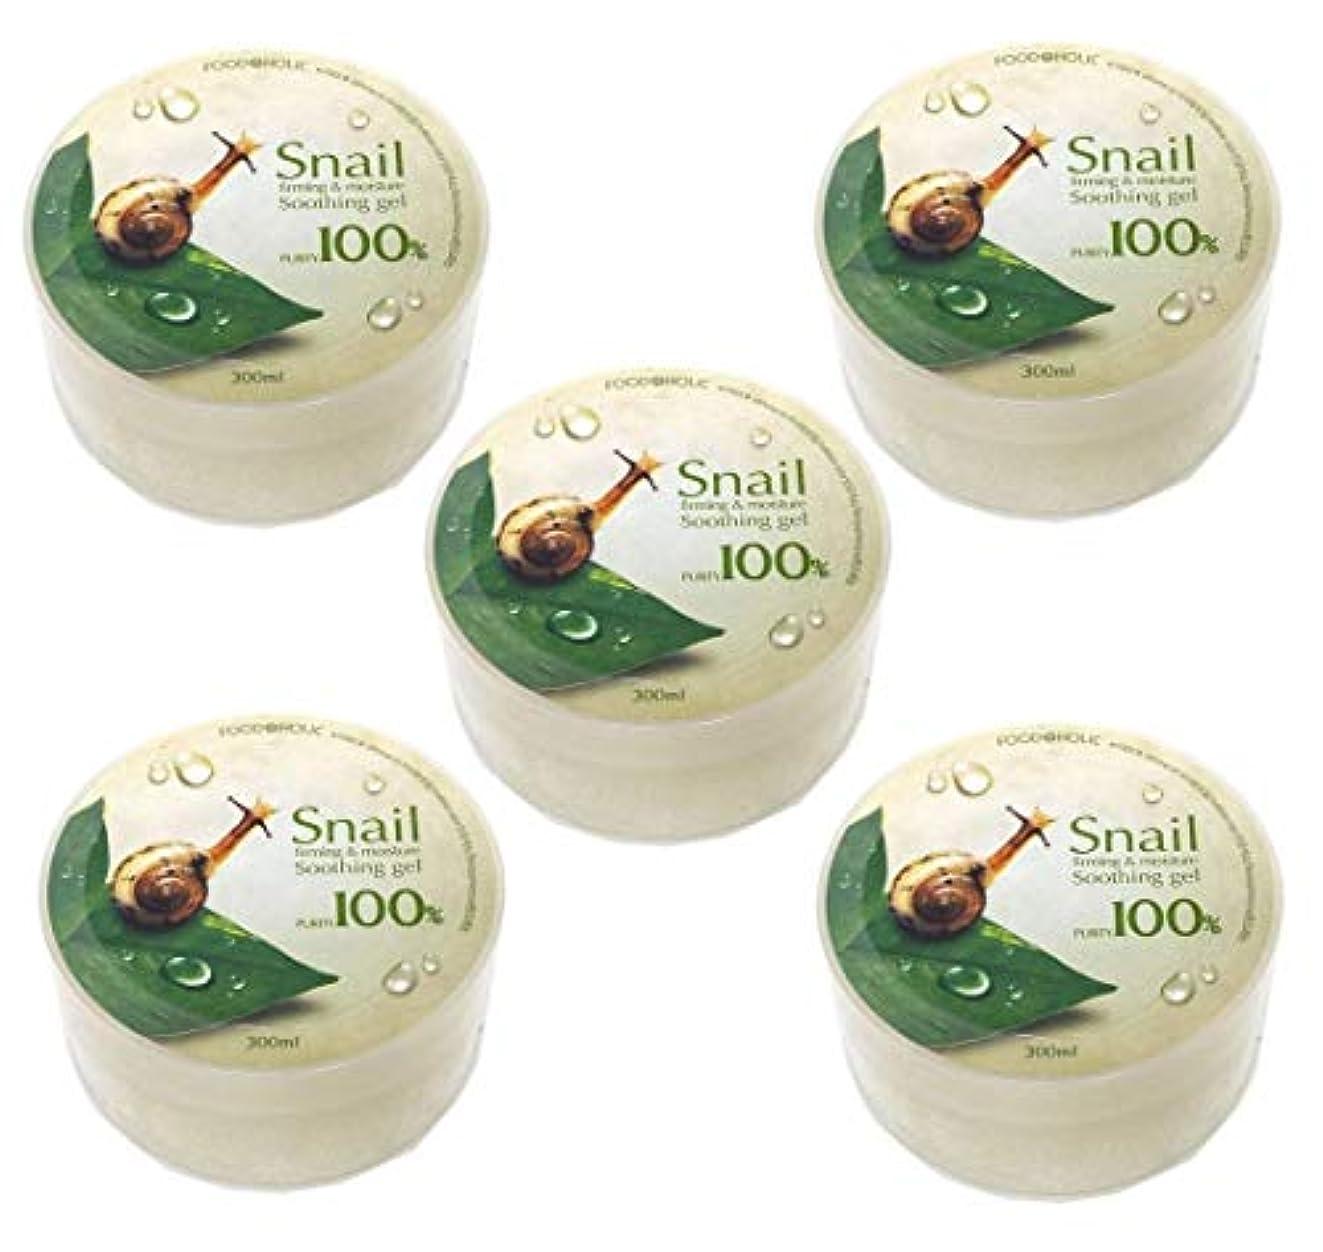 残るぺディカブ進化する[Food A Holic] スネイルファーミング&水分スージングジェル300ml X 5ea / Snail Firming & moisture Soothing Gel 300ml X 5ea / 純度97% /...